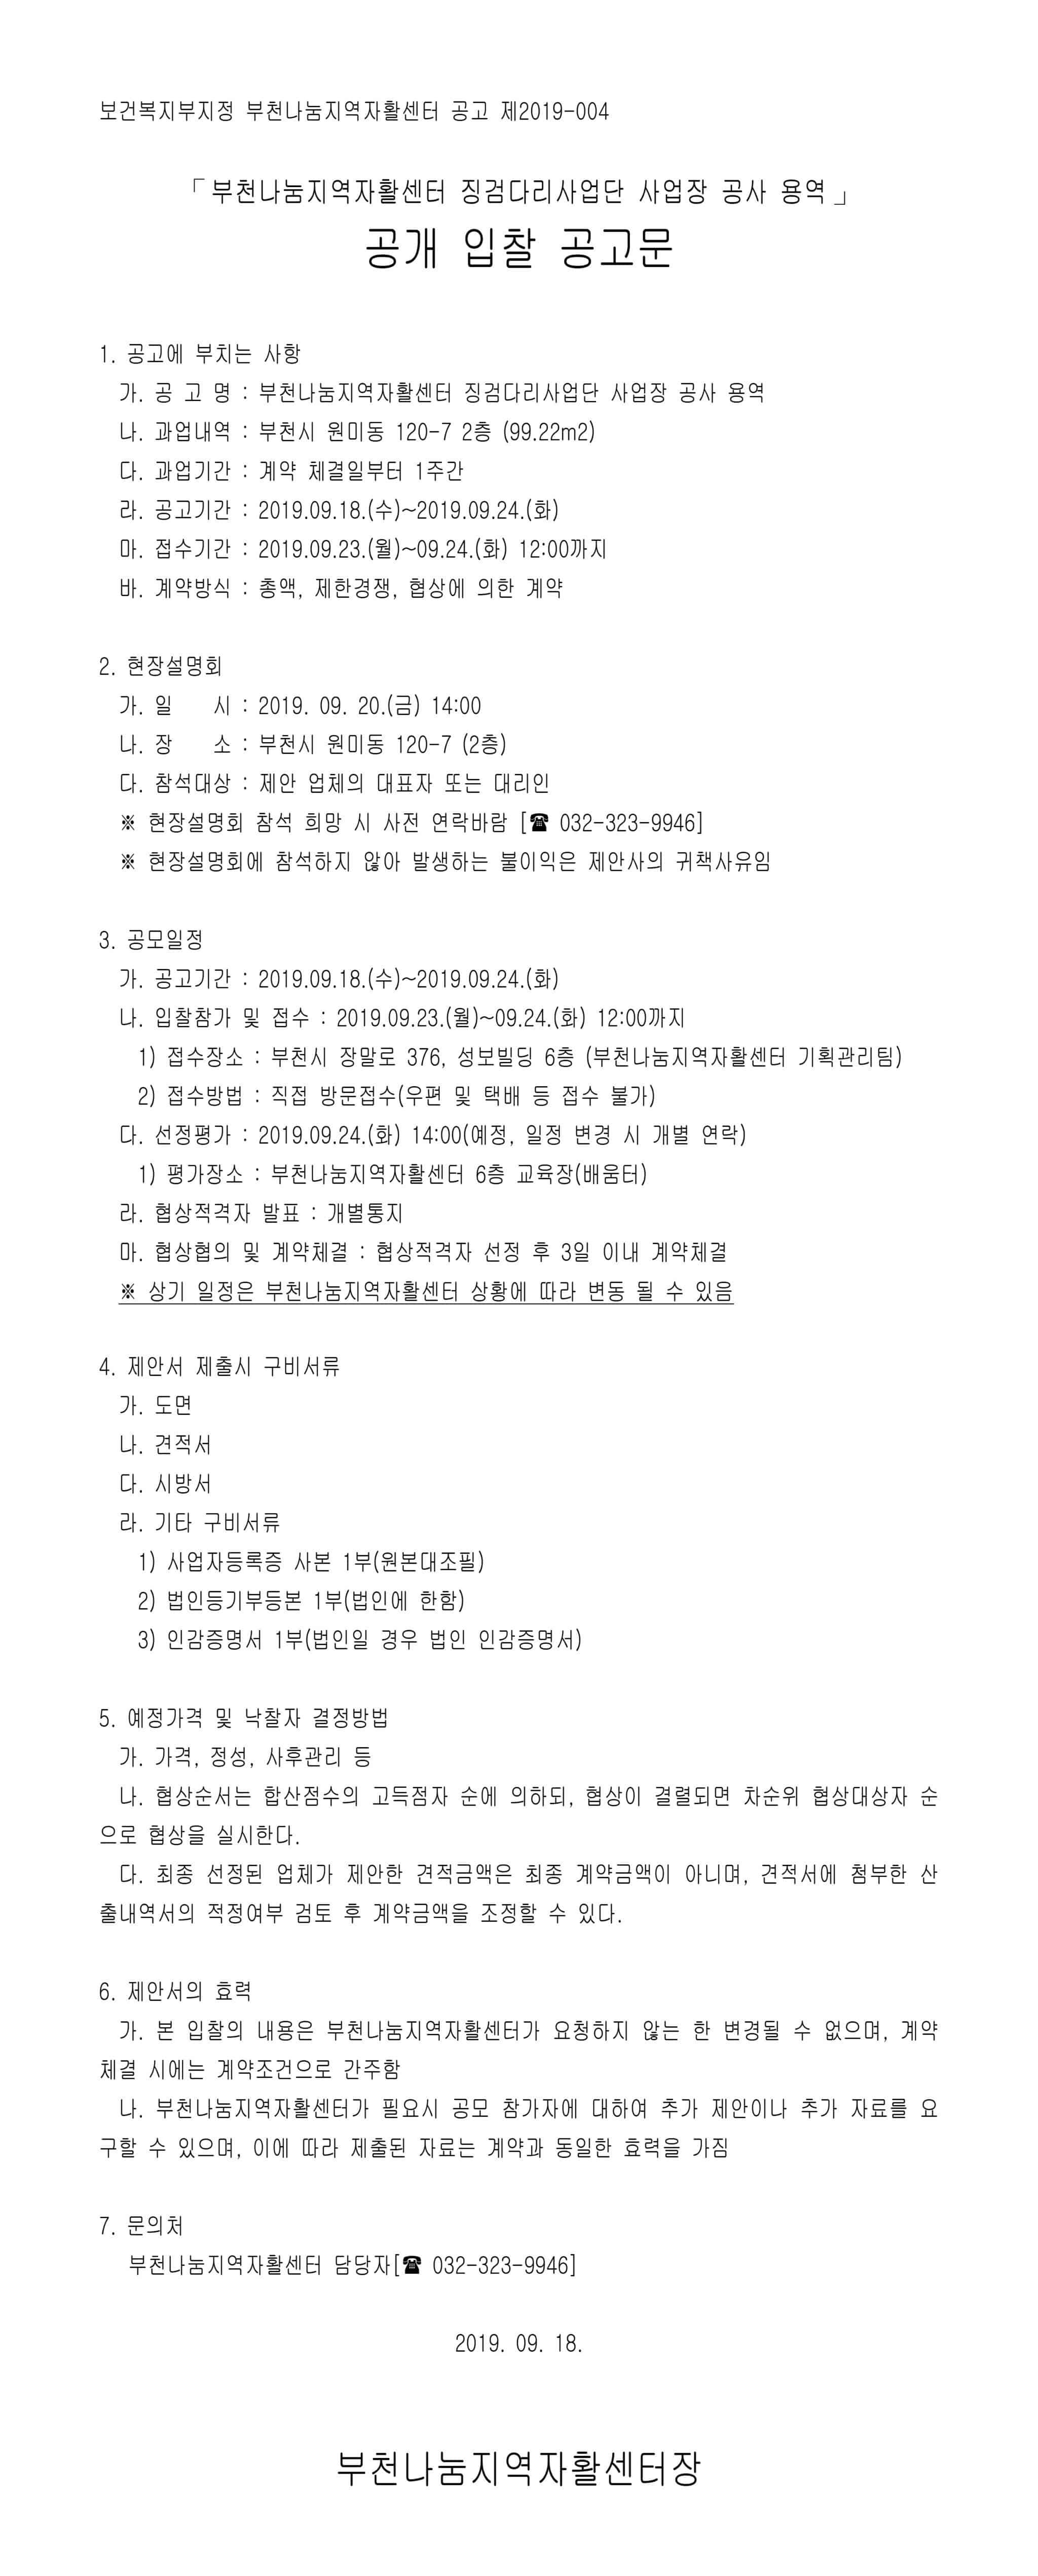 2019년-공개입찰공고-2-1.jpg